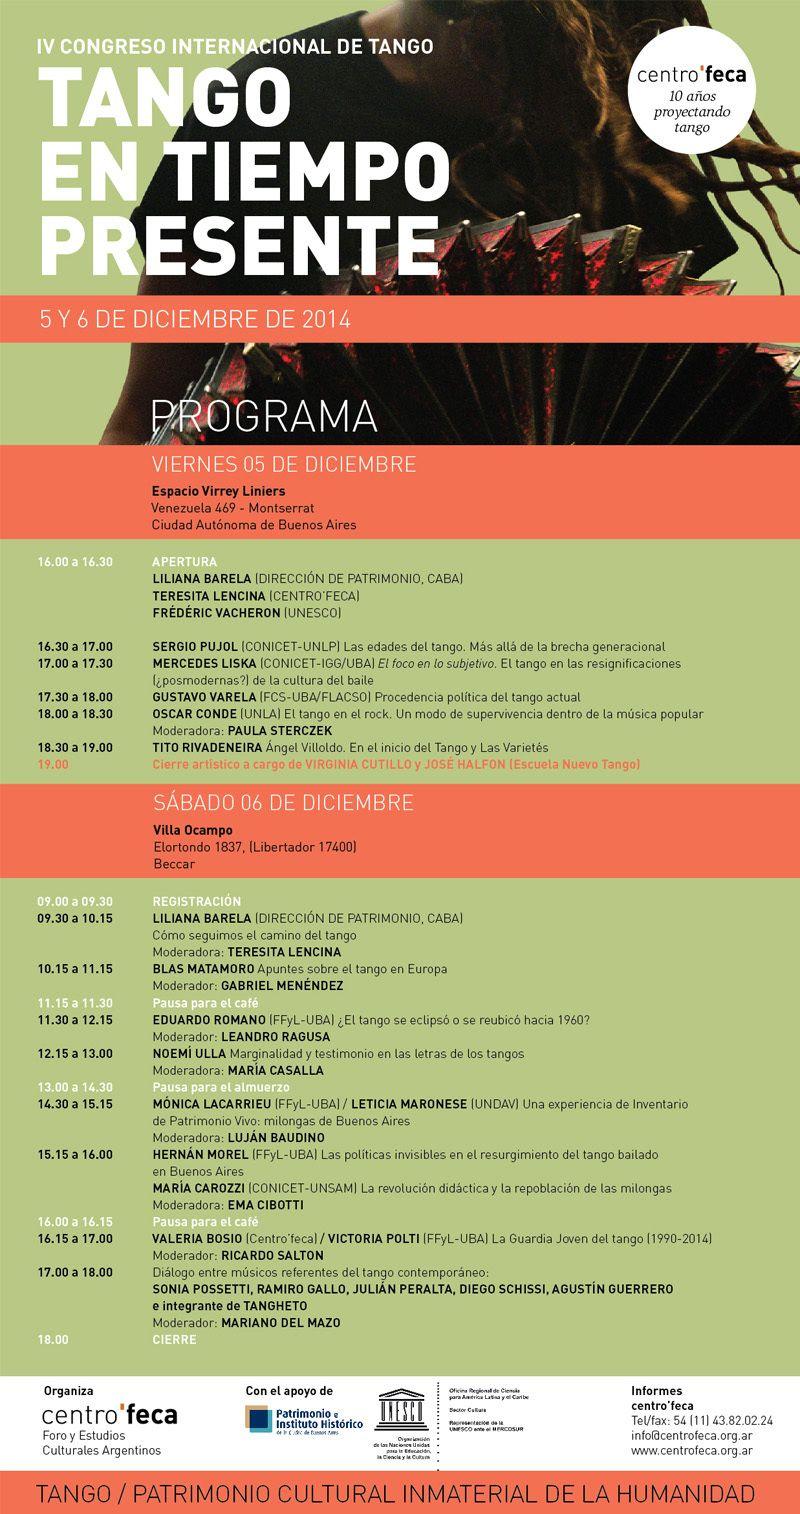 IV Congreso Internacional de Tango